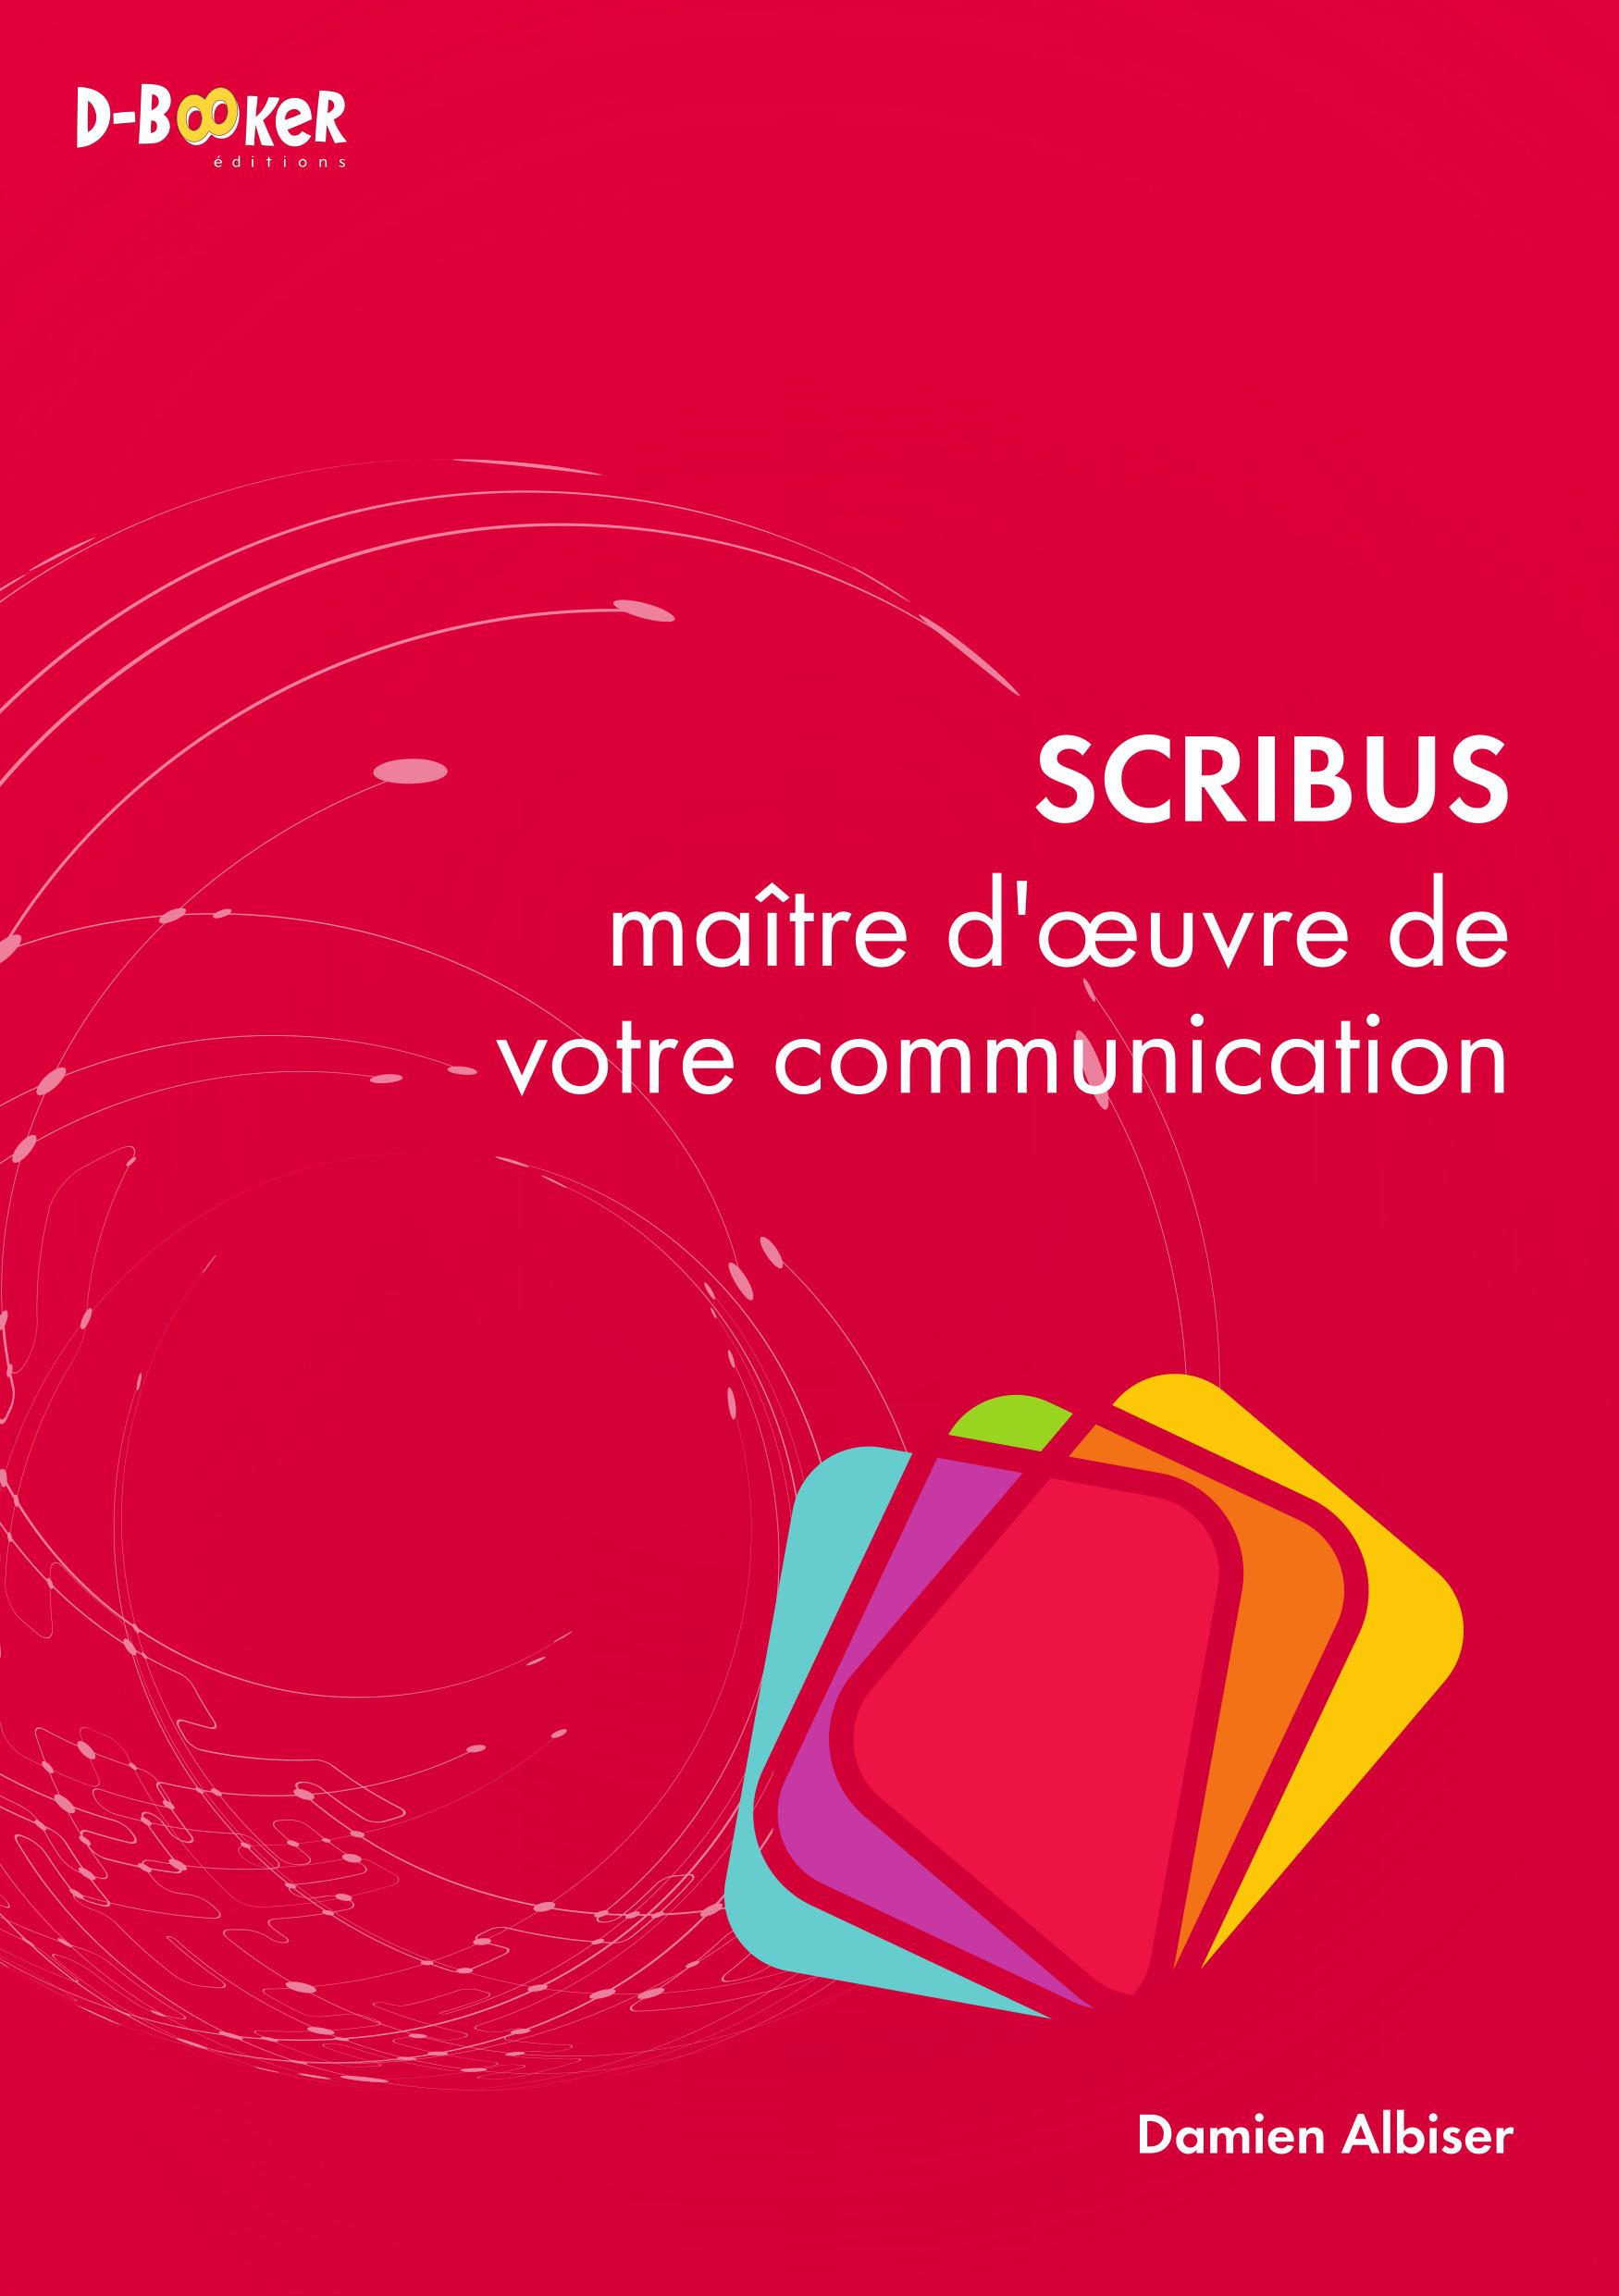 Scribus : maître d'oeuvre de votre communication